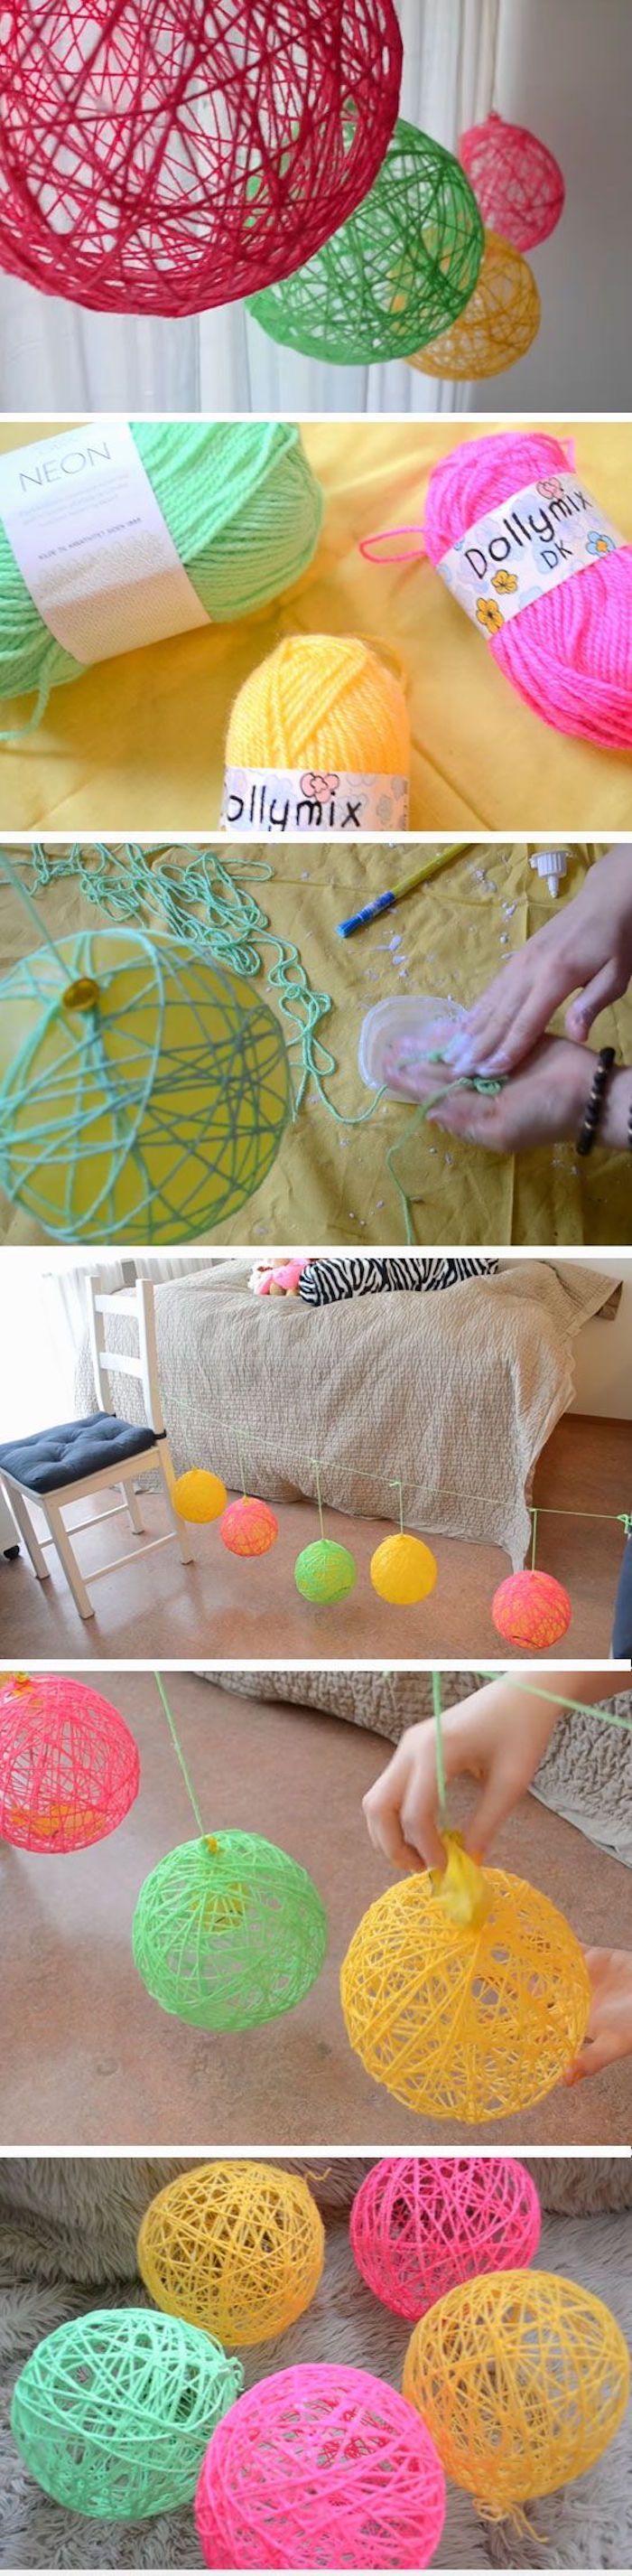 DIY Deko Idee, bunte Kugeln aus Garn oder Wolle basteln, Zimmer dekorieren